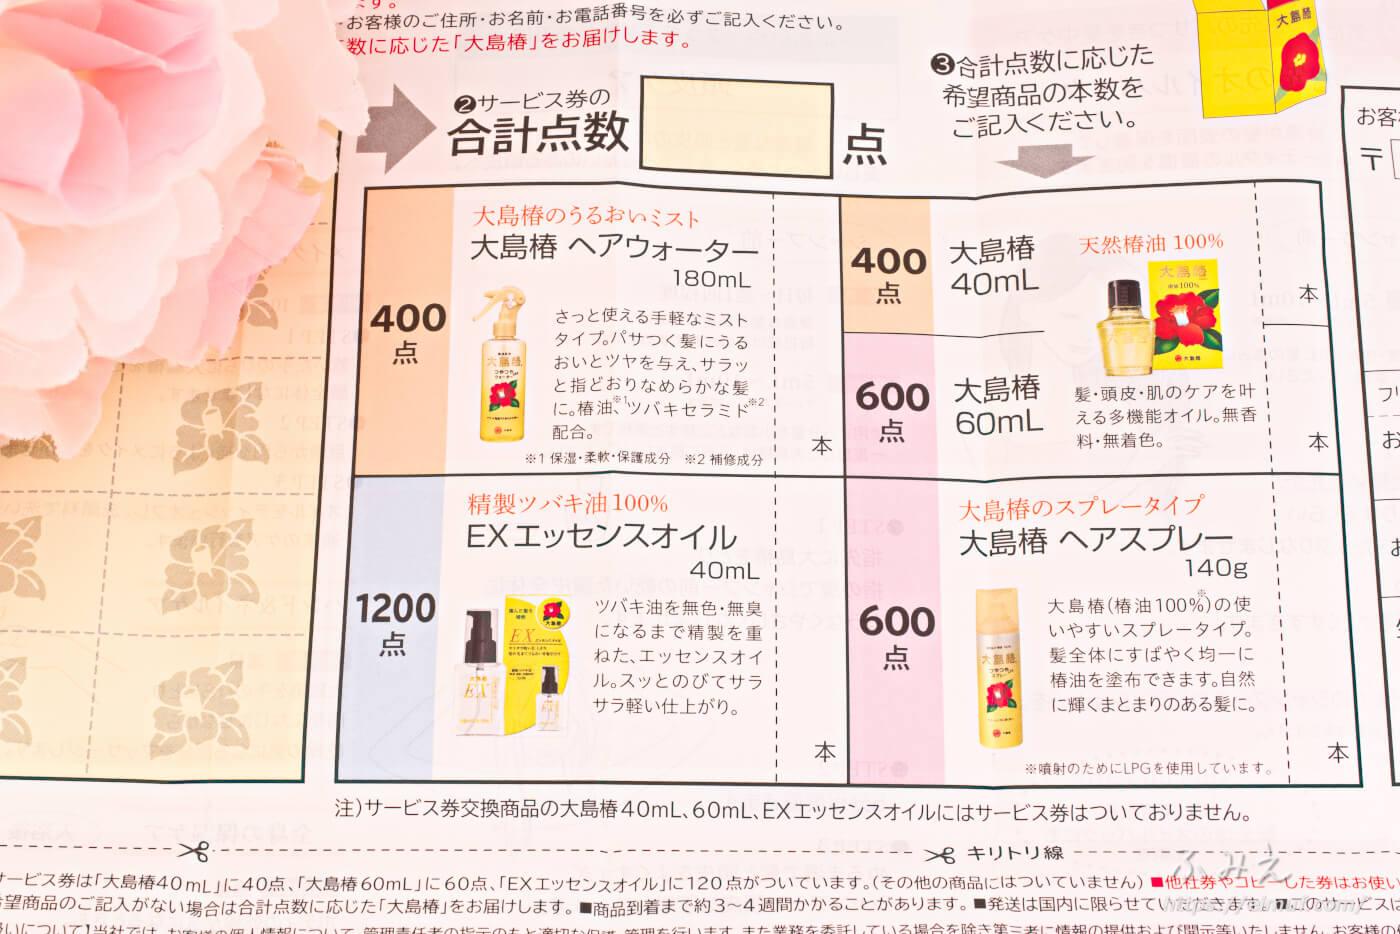 大島椿 のサービス券を張る台紙と商品